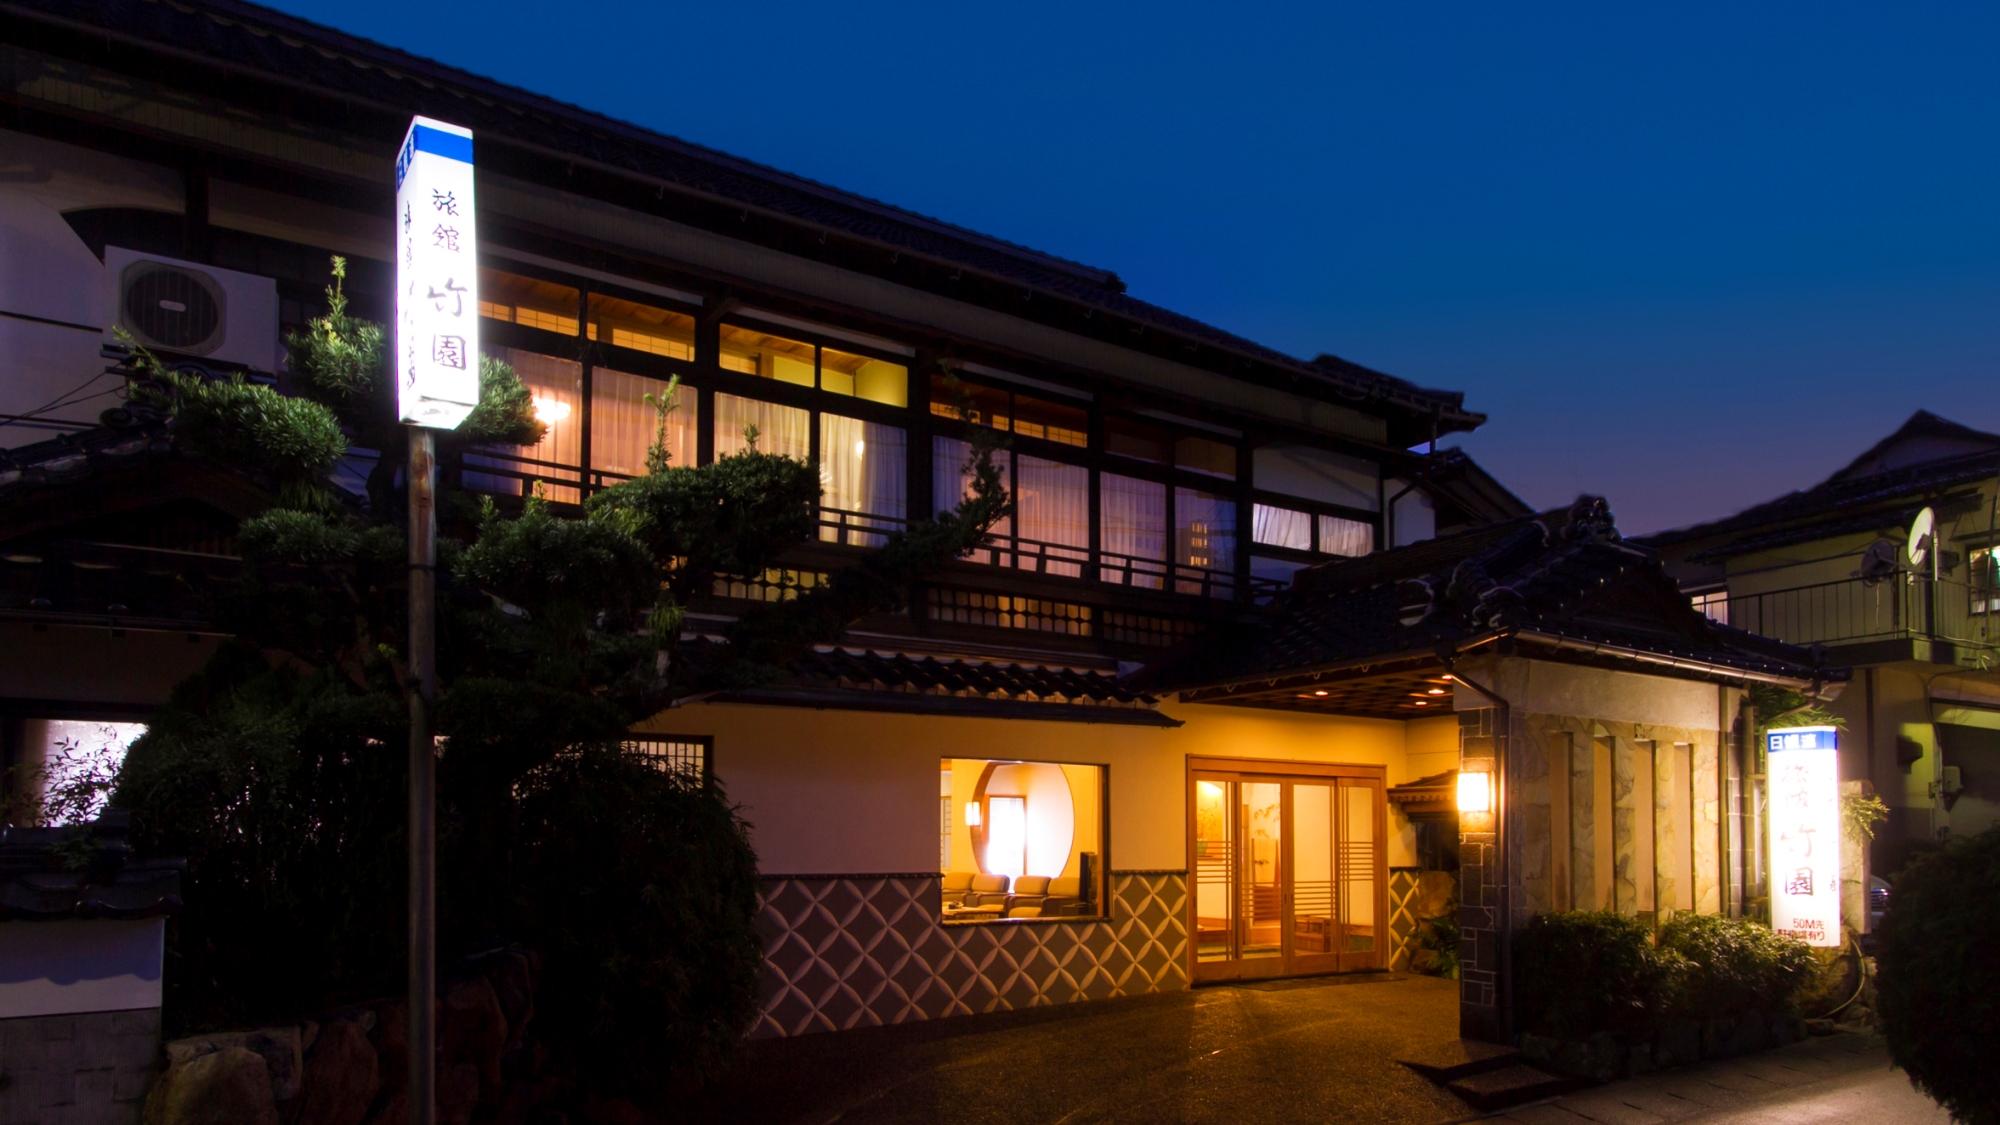 竹園旅館の施設画像